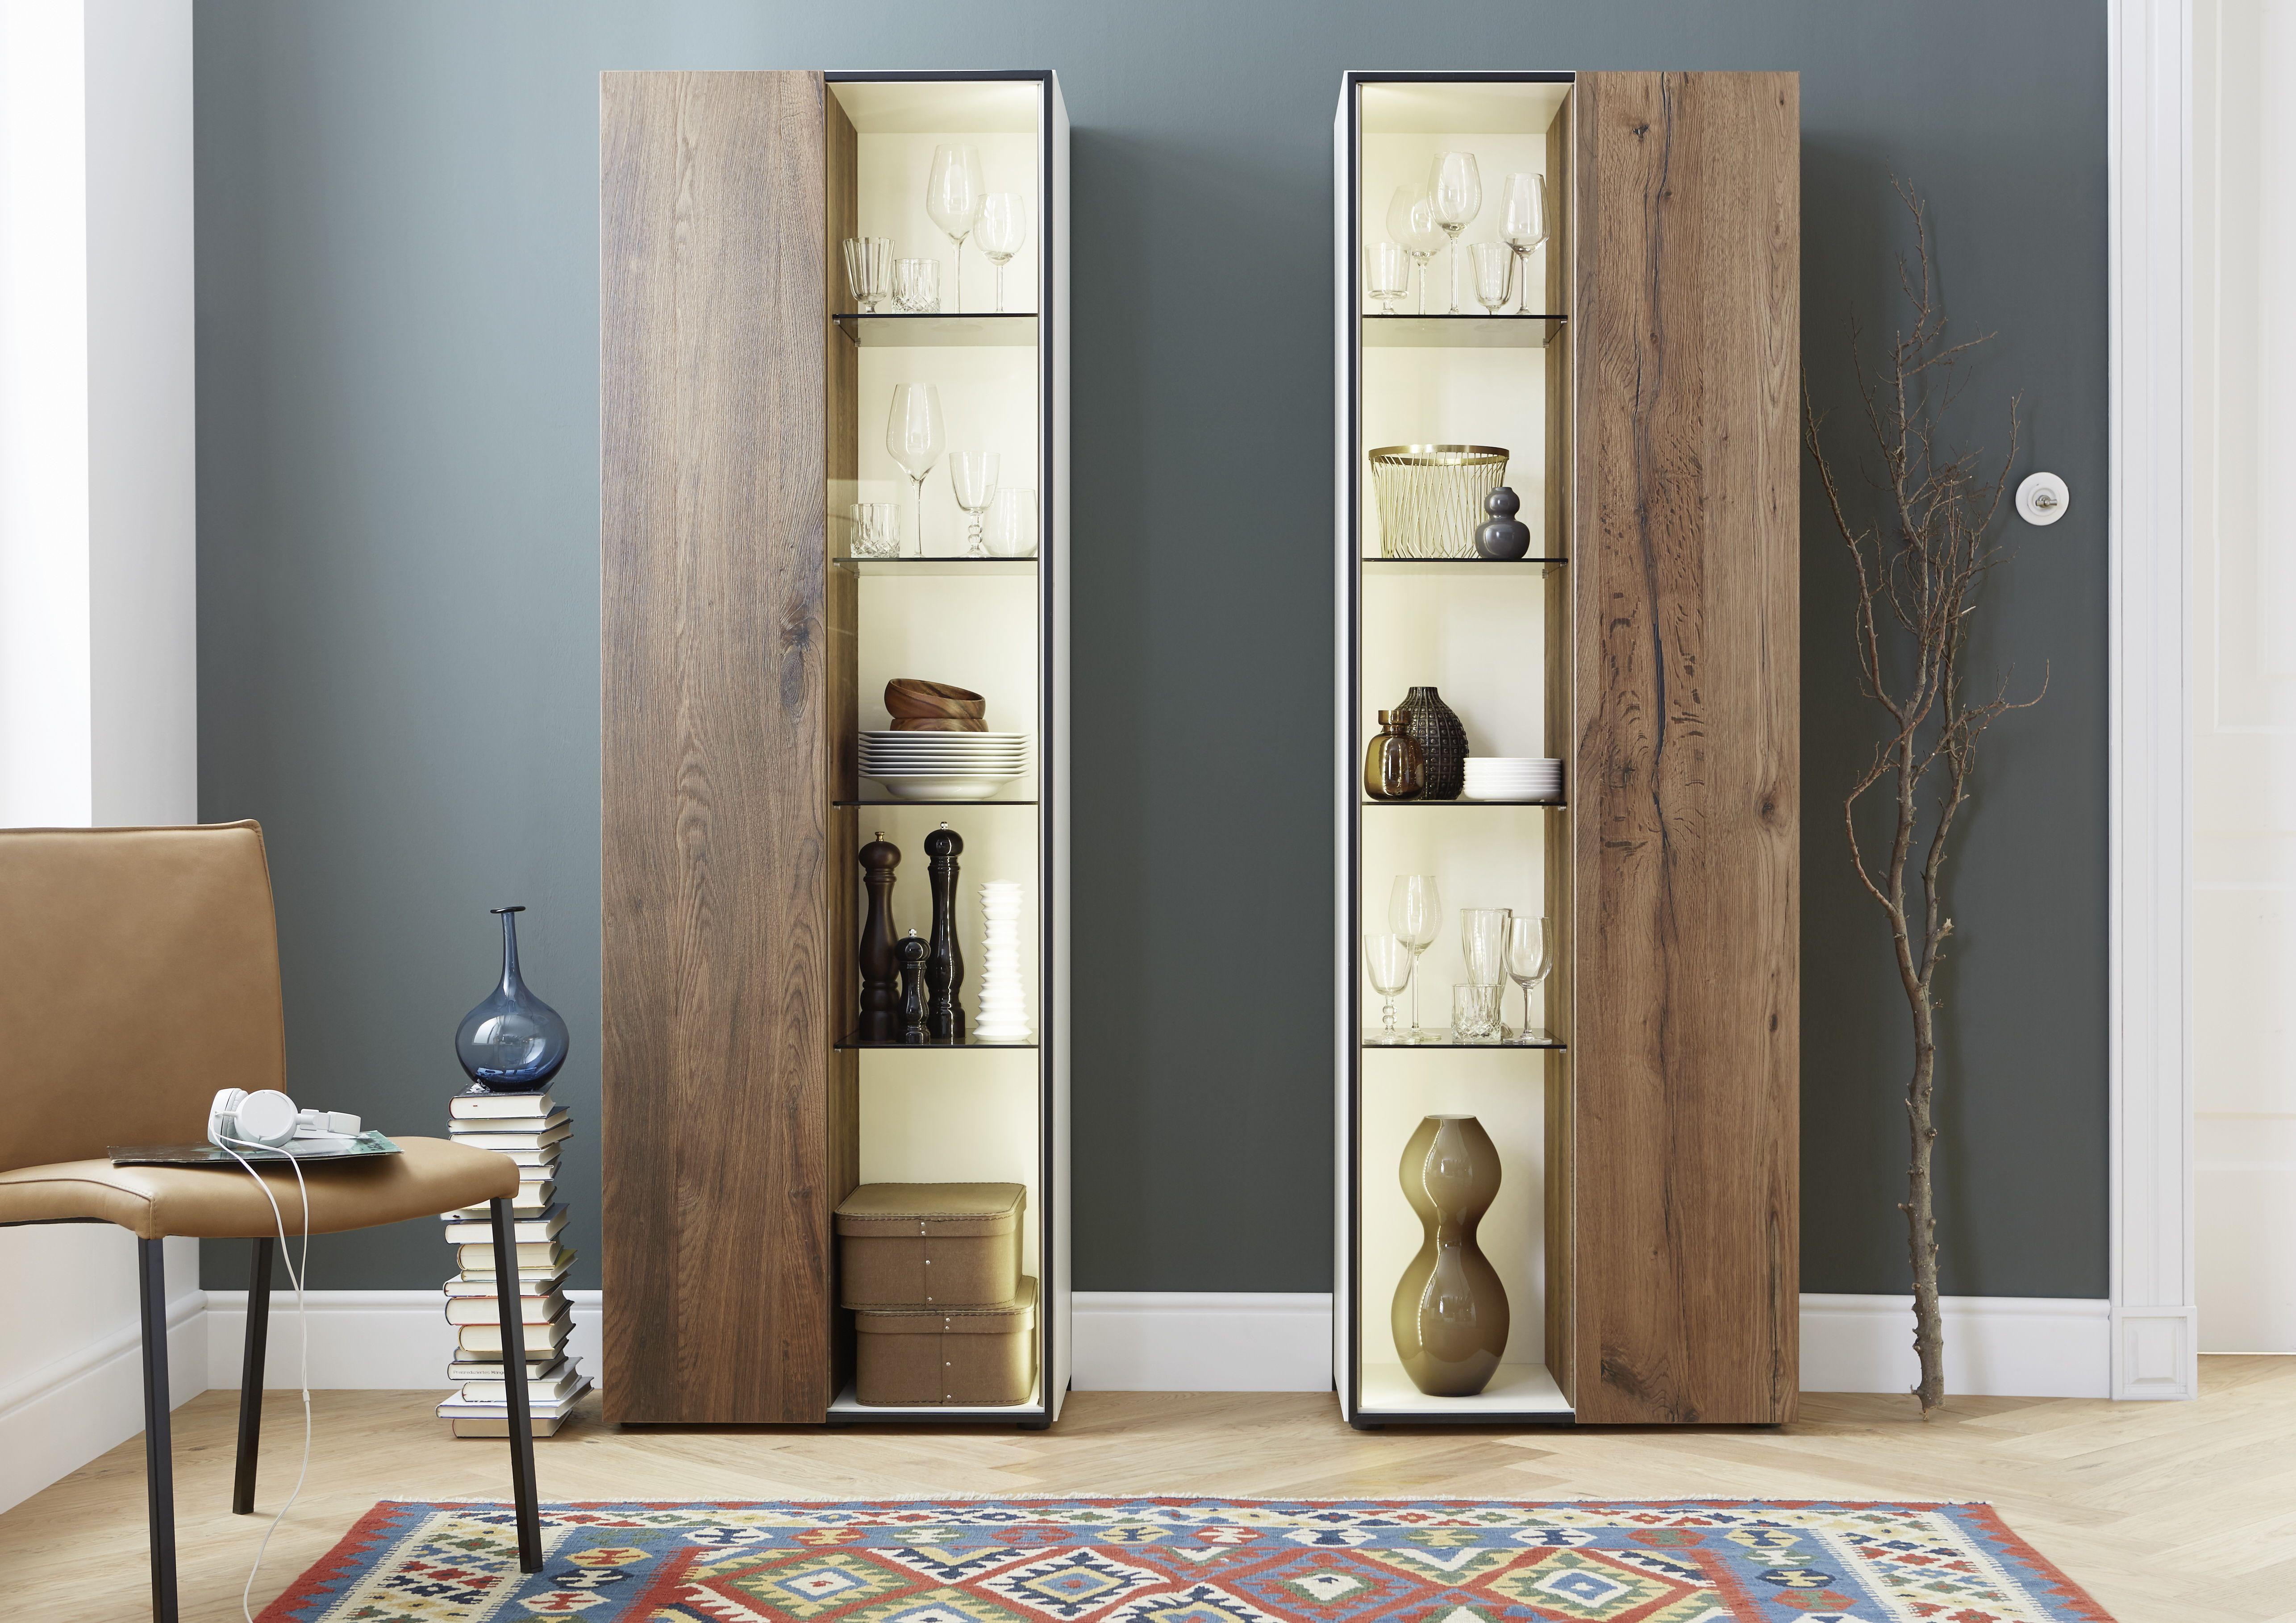 #vitrine #wohnzimmer #möbel #madeingermany #furniture